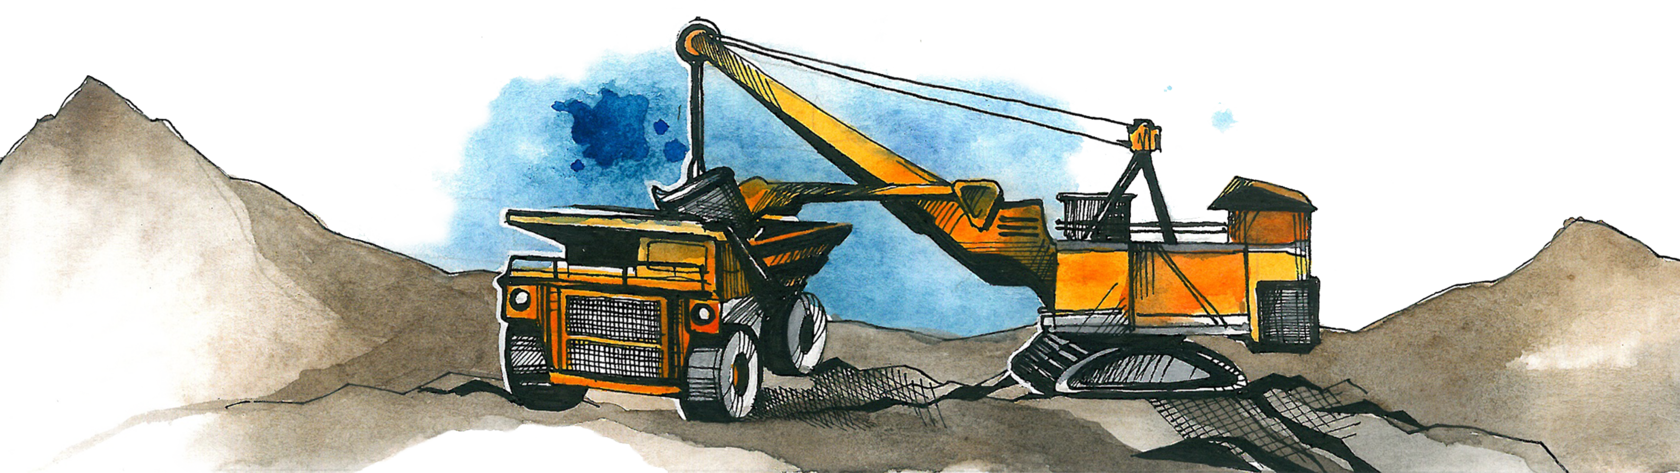 mining gist store Сайт работает в тестовом режиме. Представленные товары доступны к заказу. Заказ выполняется по электронной почте. Оплата производится путём перечисления средств на карту. Предоплата 70% от стоимости товара + стоимость доставки, оставшиеся 30% вы оплачиваете по факту доставки товара.